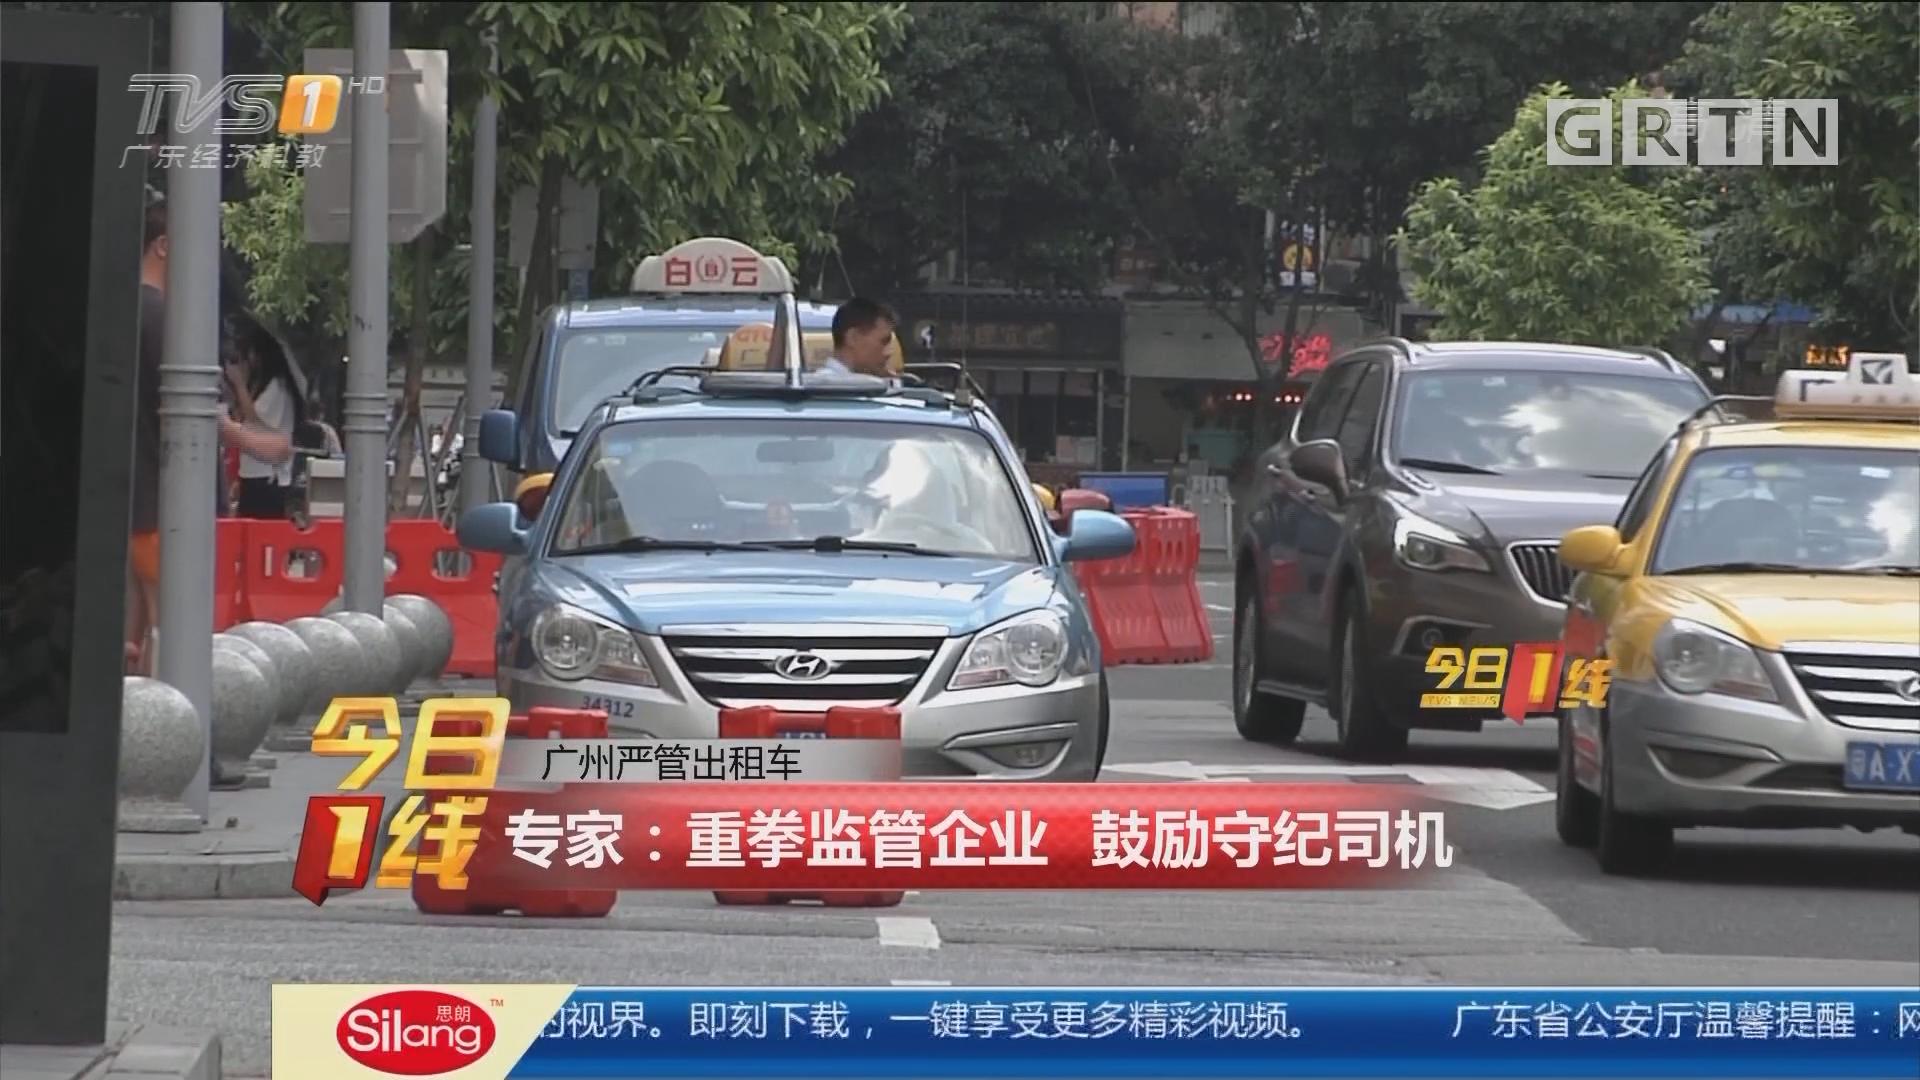 广州严管出租车 专家:重拳监管企业 鼓励守纪司机